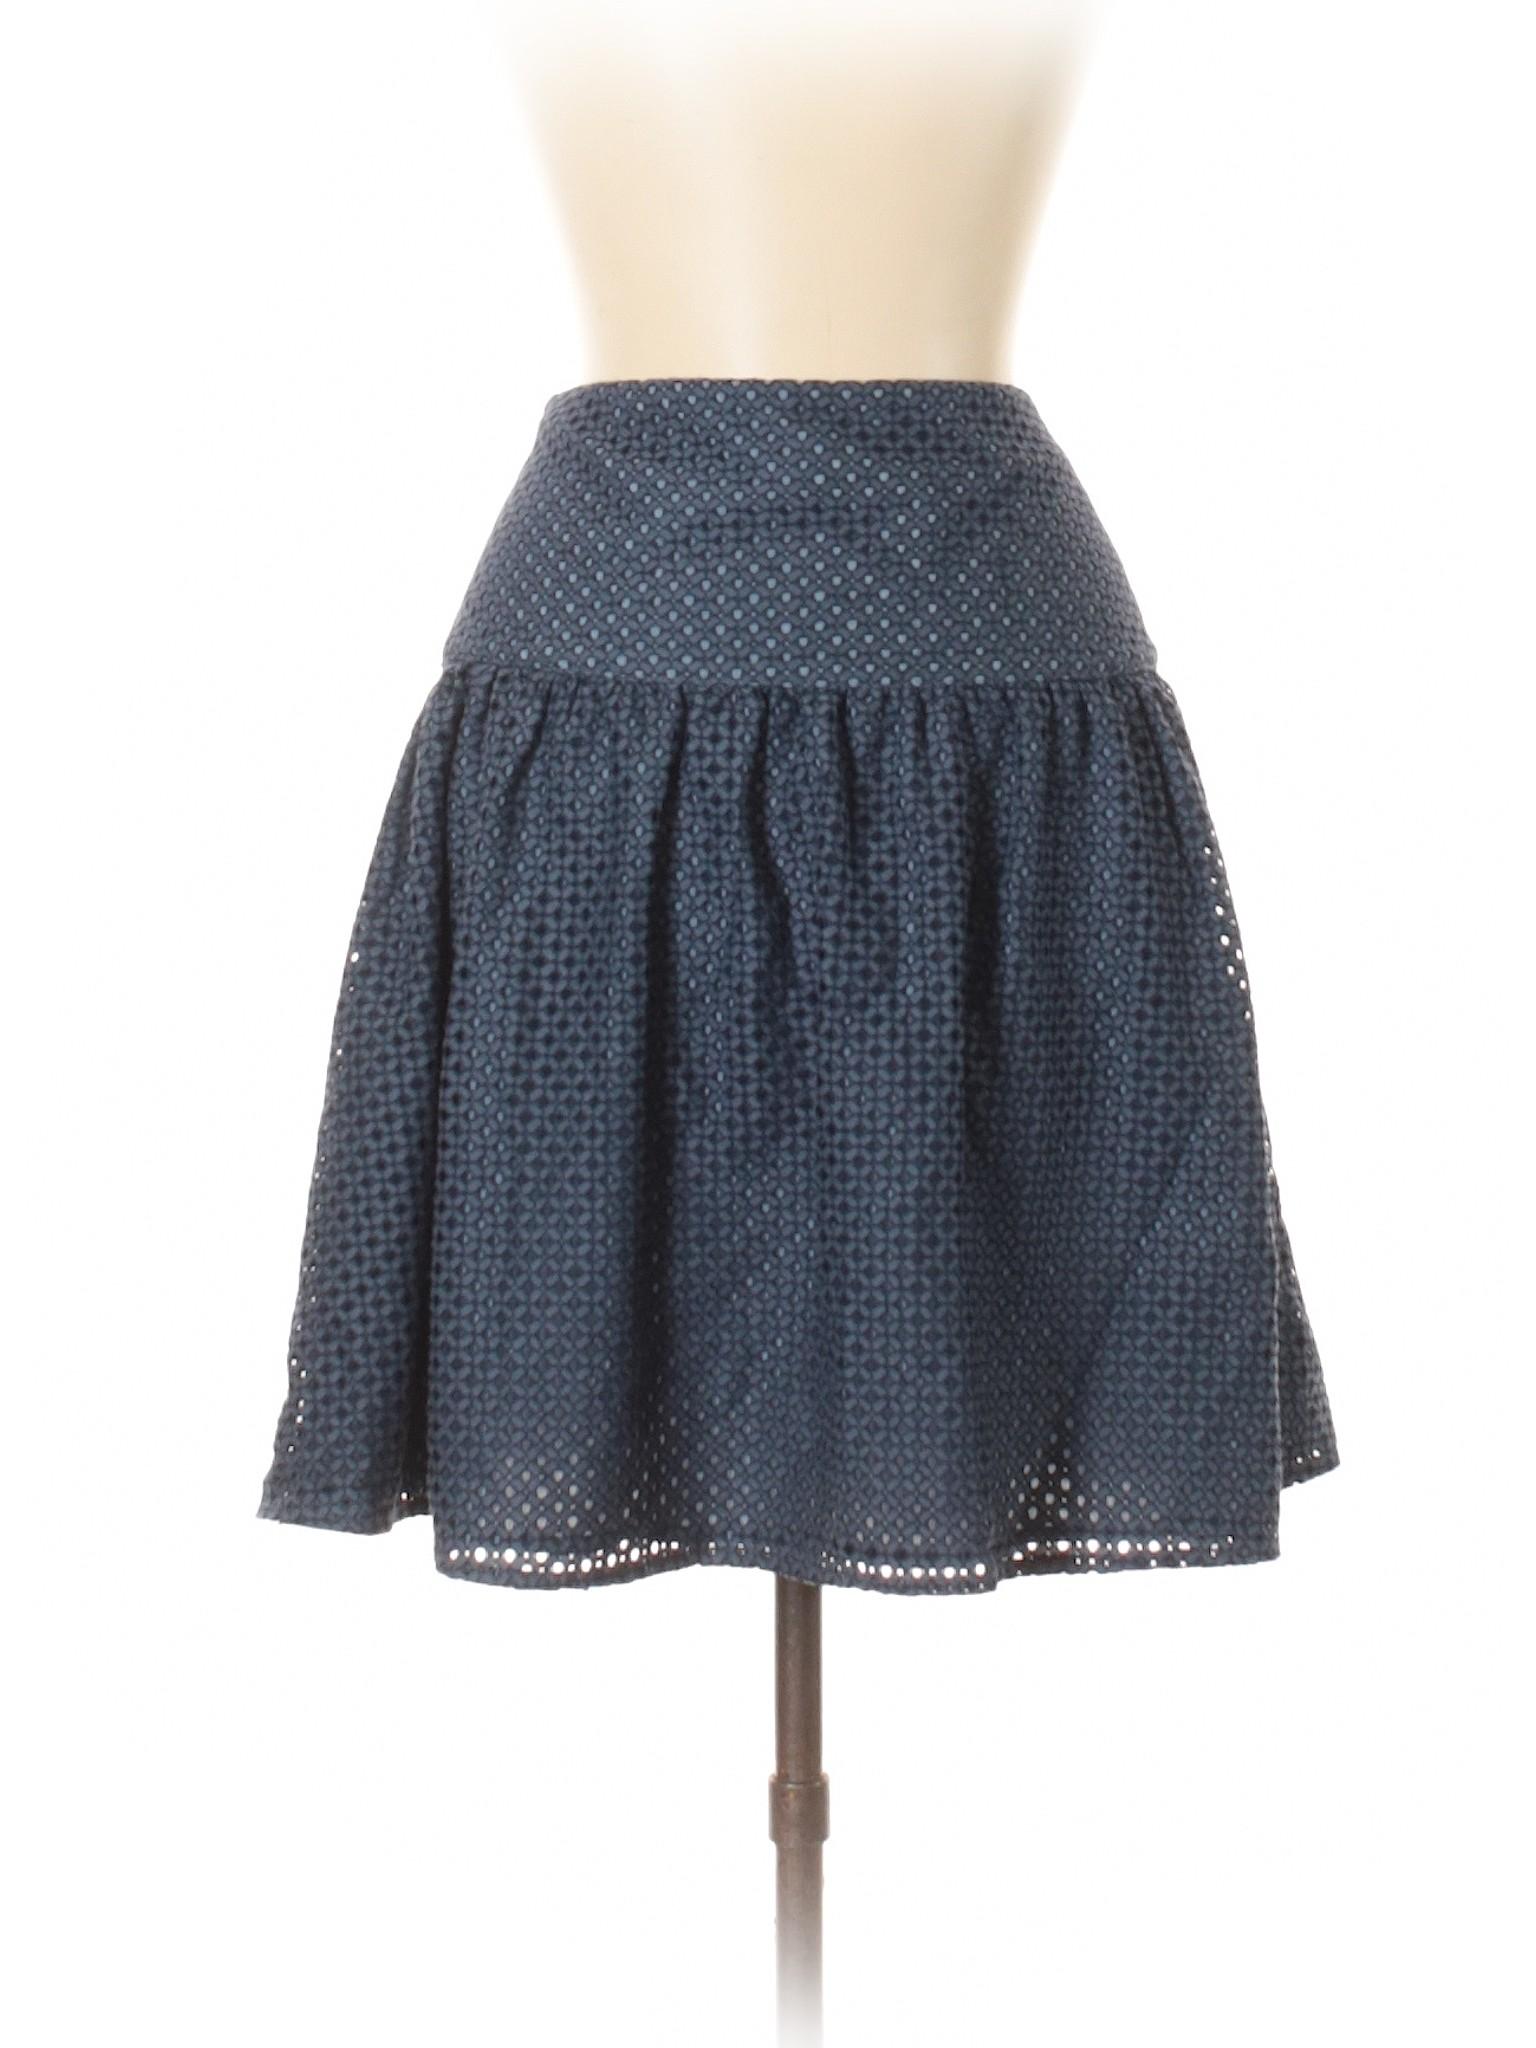 Boutique Casual Skirt Skirt Skirt Casual Casual Casual Boutique Boutique Casual Skirt Boutique Boutique E7qw5Z